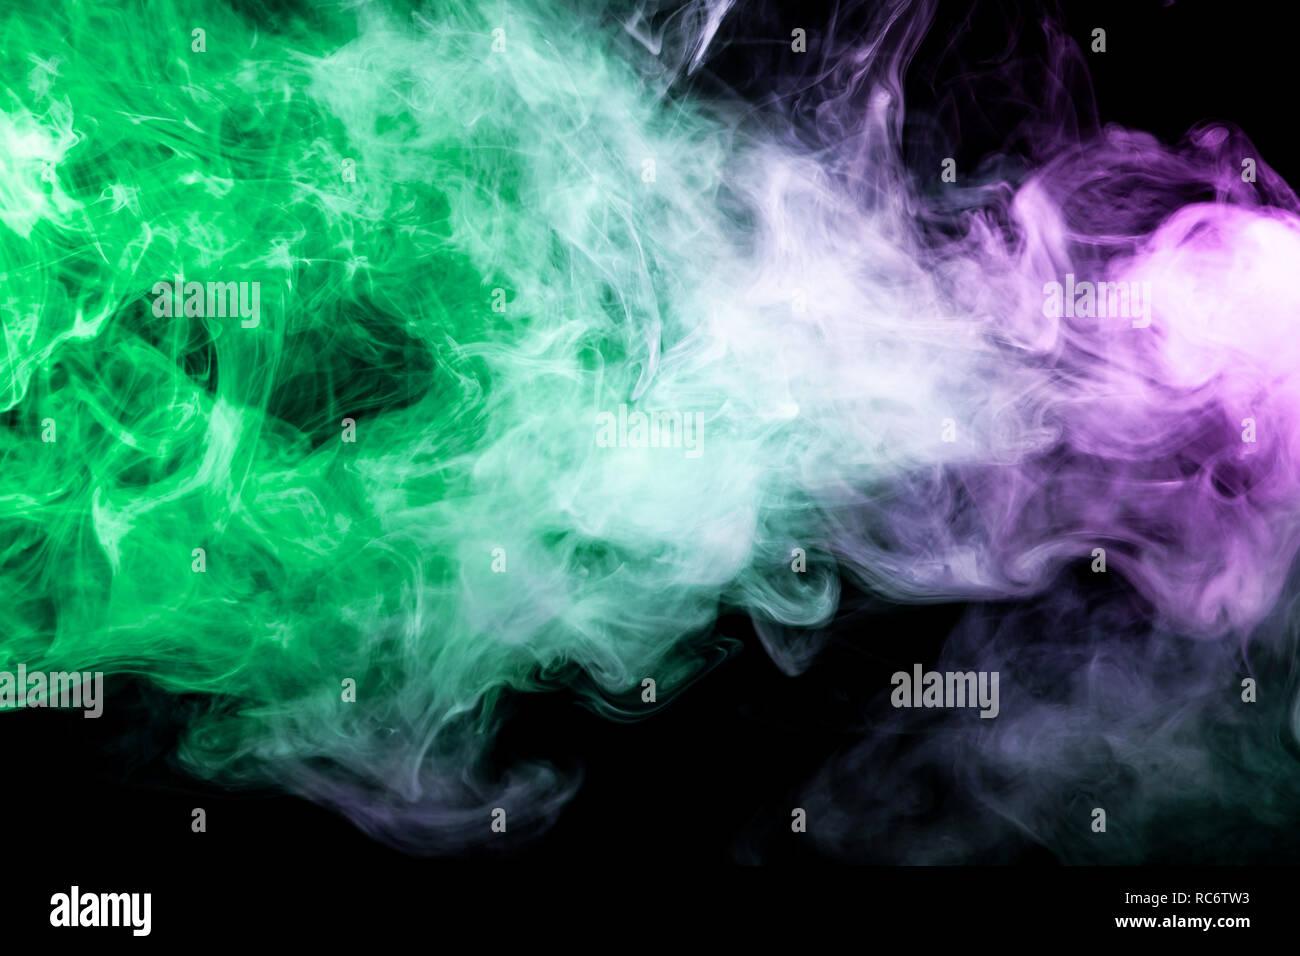 Spessore Verde E Viola Il Fumo Nero A Sfondo Isolato Sfondo Dal